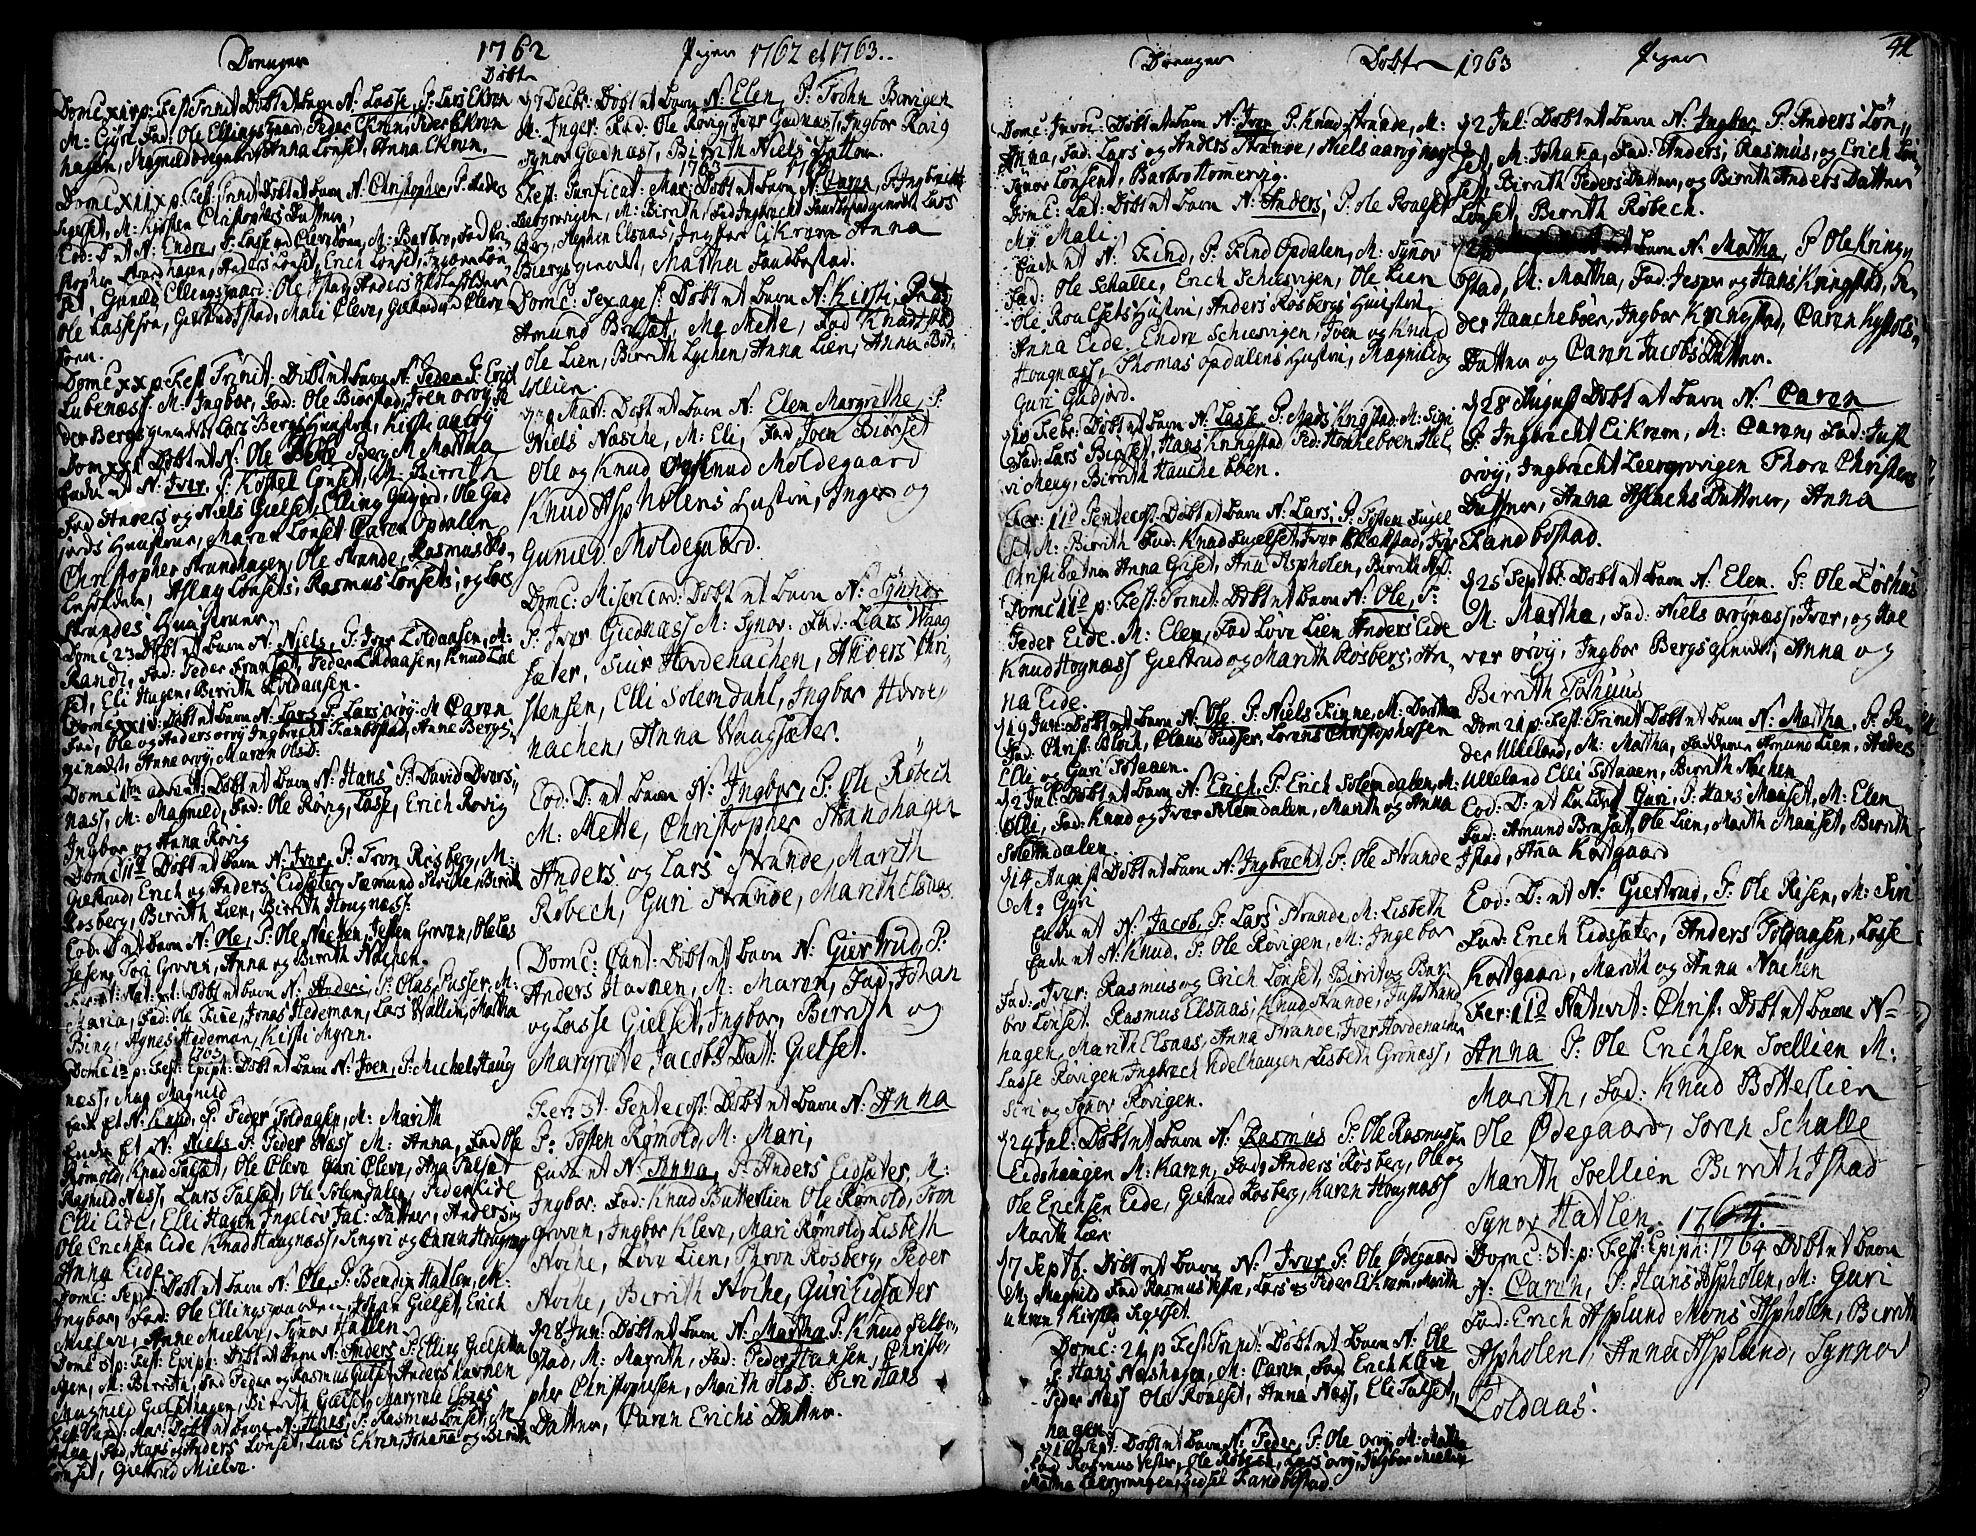 SAT, Ministerialprotokoller, klokkerbøker og fødselsregistre - Møre og Romsdal, 555/L0648: Ministerialbok nr. 555A01, 1759-1793, s. 41